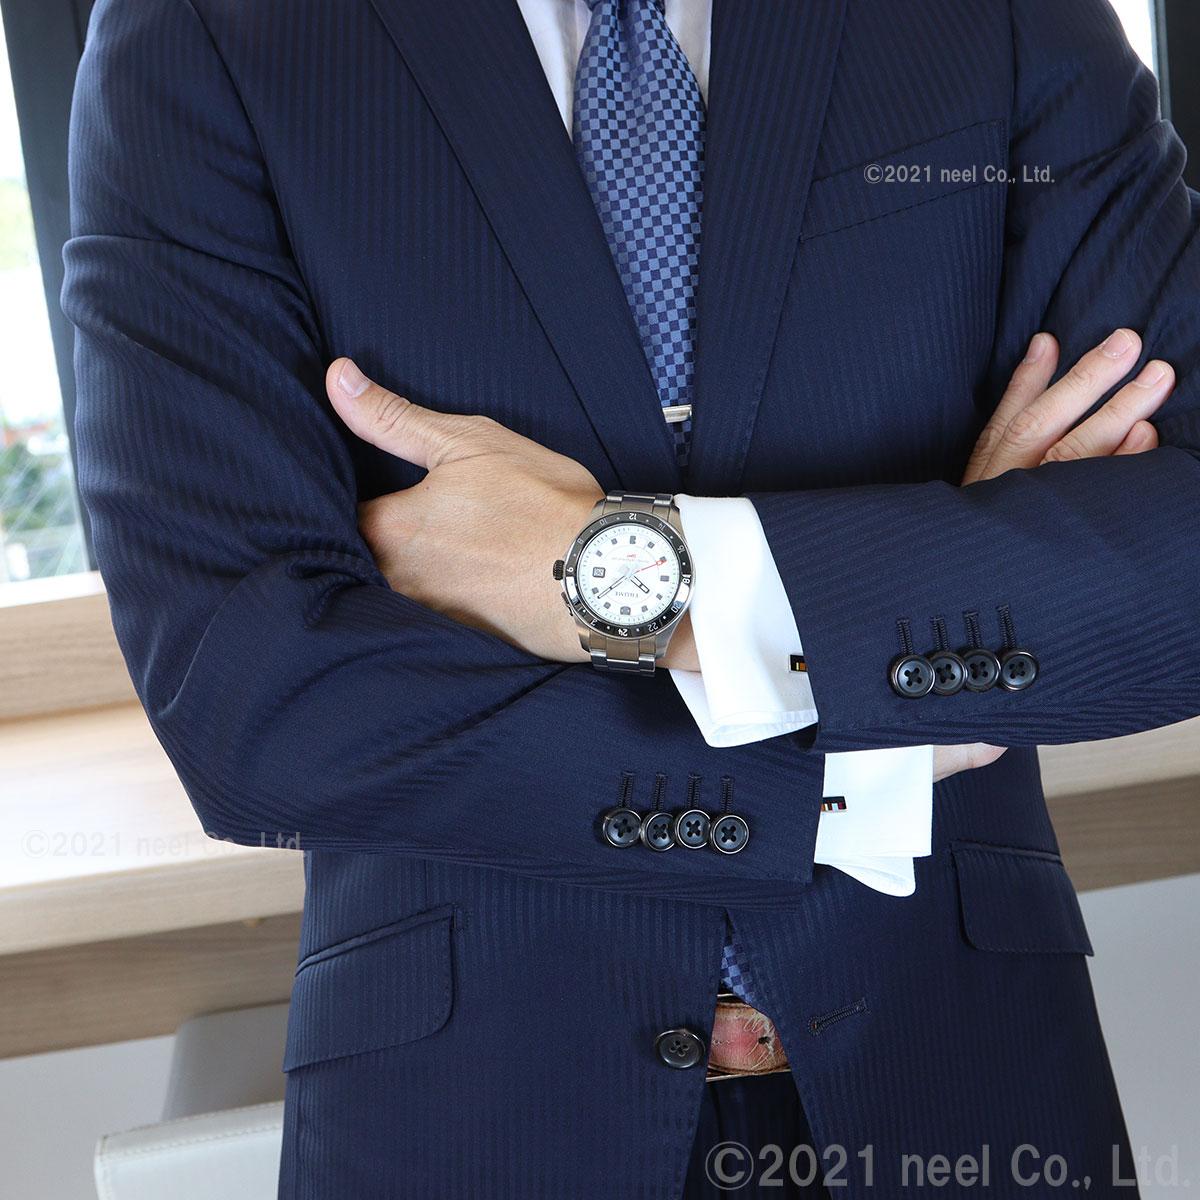 エプソン トゥルーム EPSON TRUME 腕時計 メンズ SWING GENERATOR L Collection Break Line TR-ME2011X